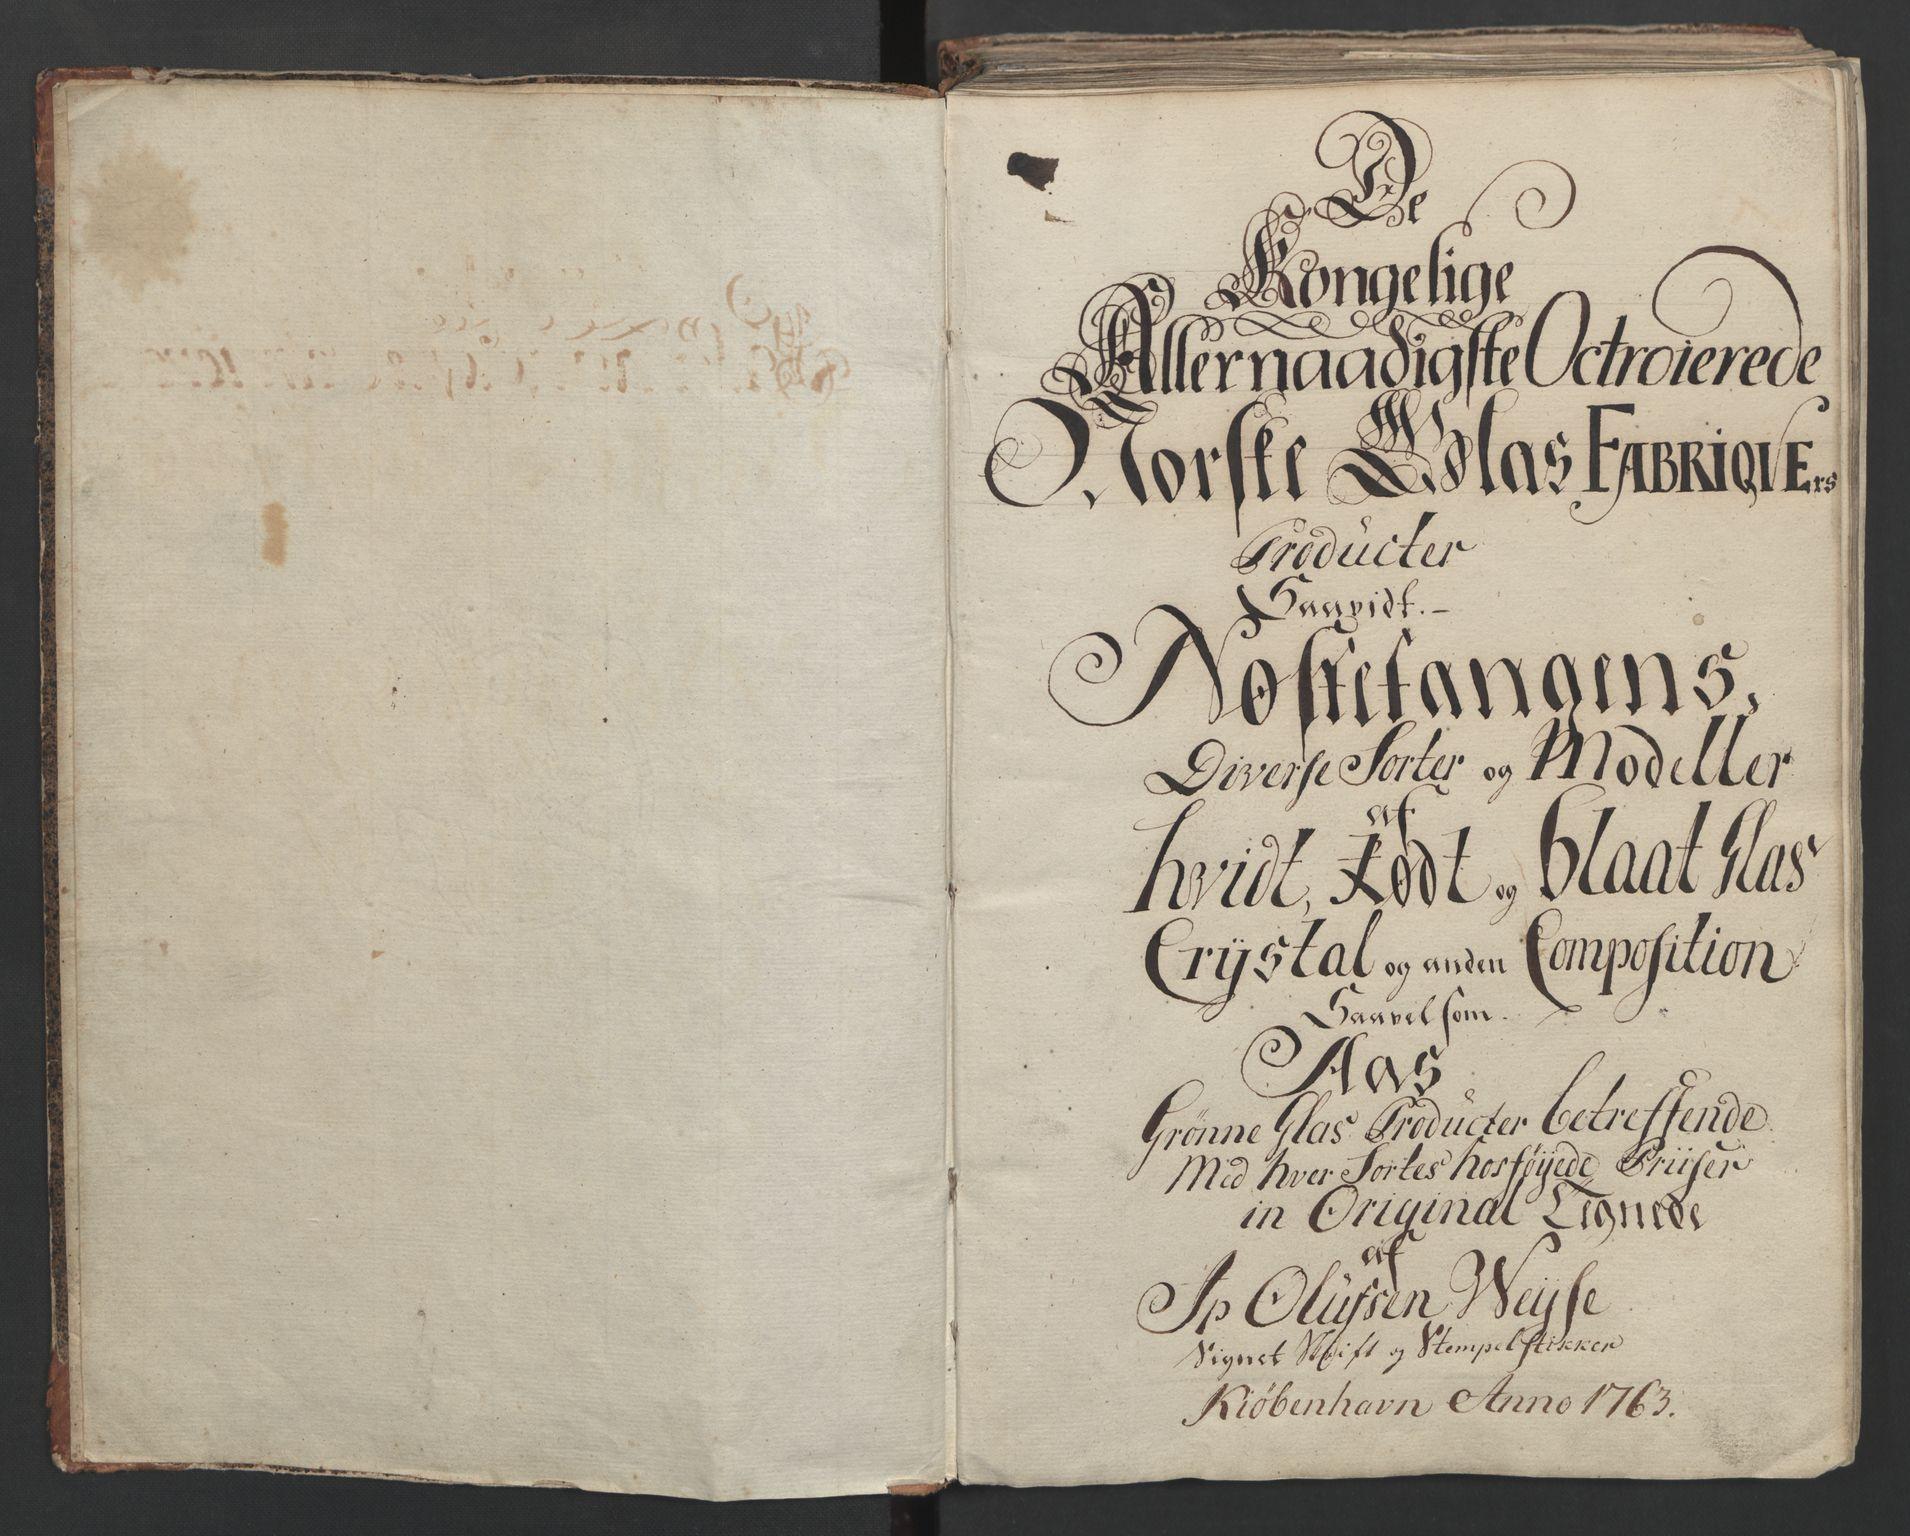 RA, Glassverk, samlinger, F/Fa/L0036: Modellbok for Nøstetangens og Aas' produkter med prisangivelse,, 1763, s. 1